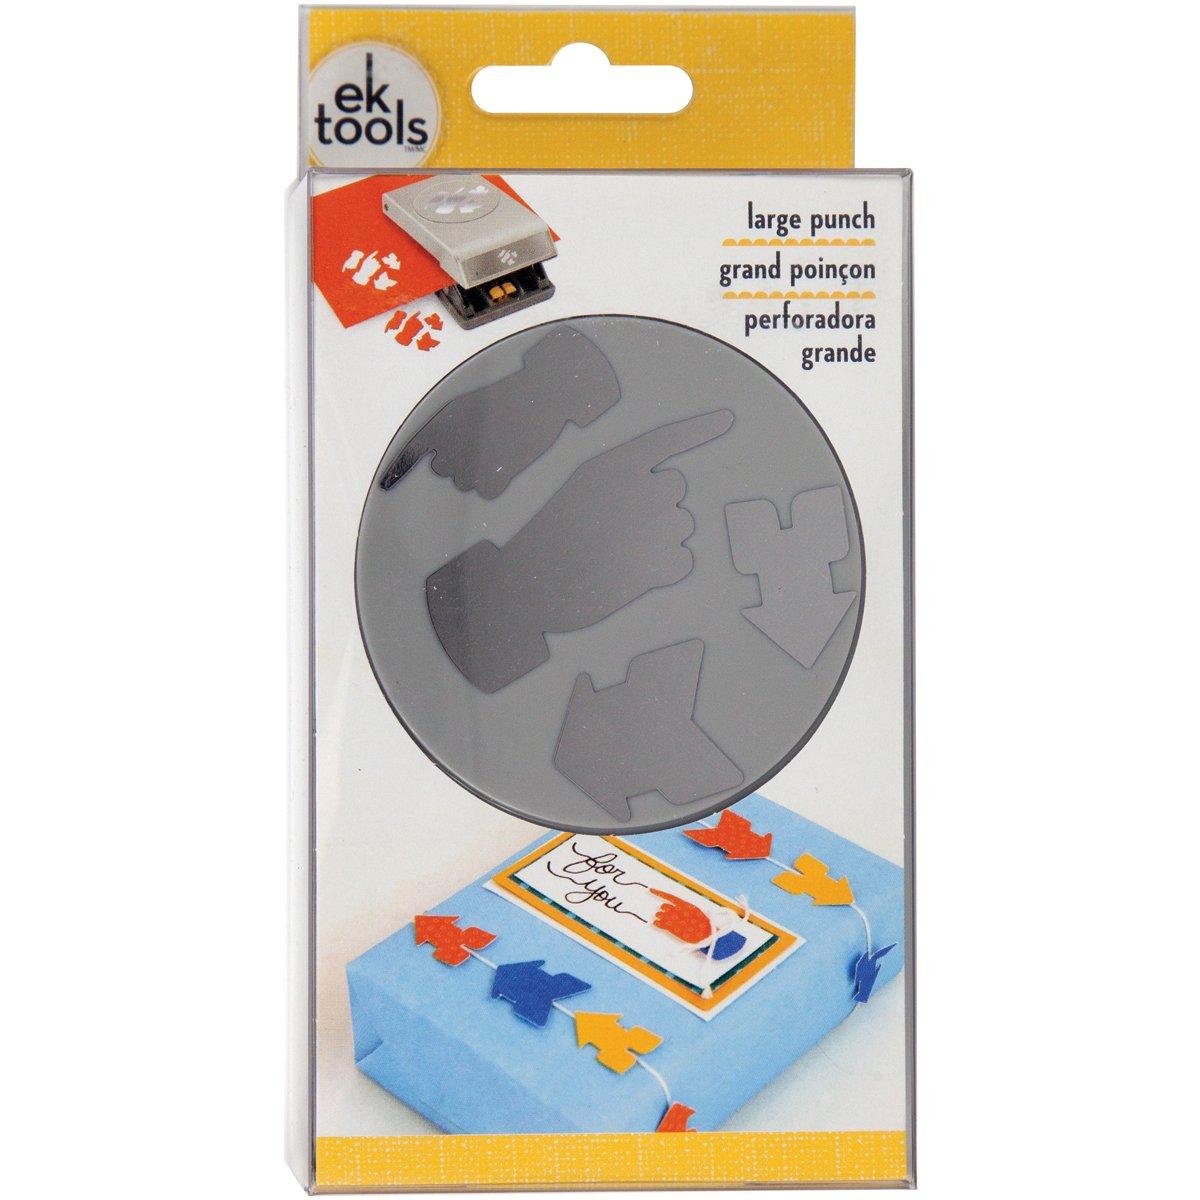 EK Tools Perforadora de papel, grande, instrucciones